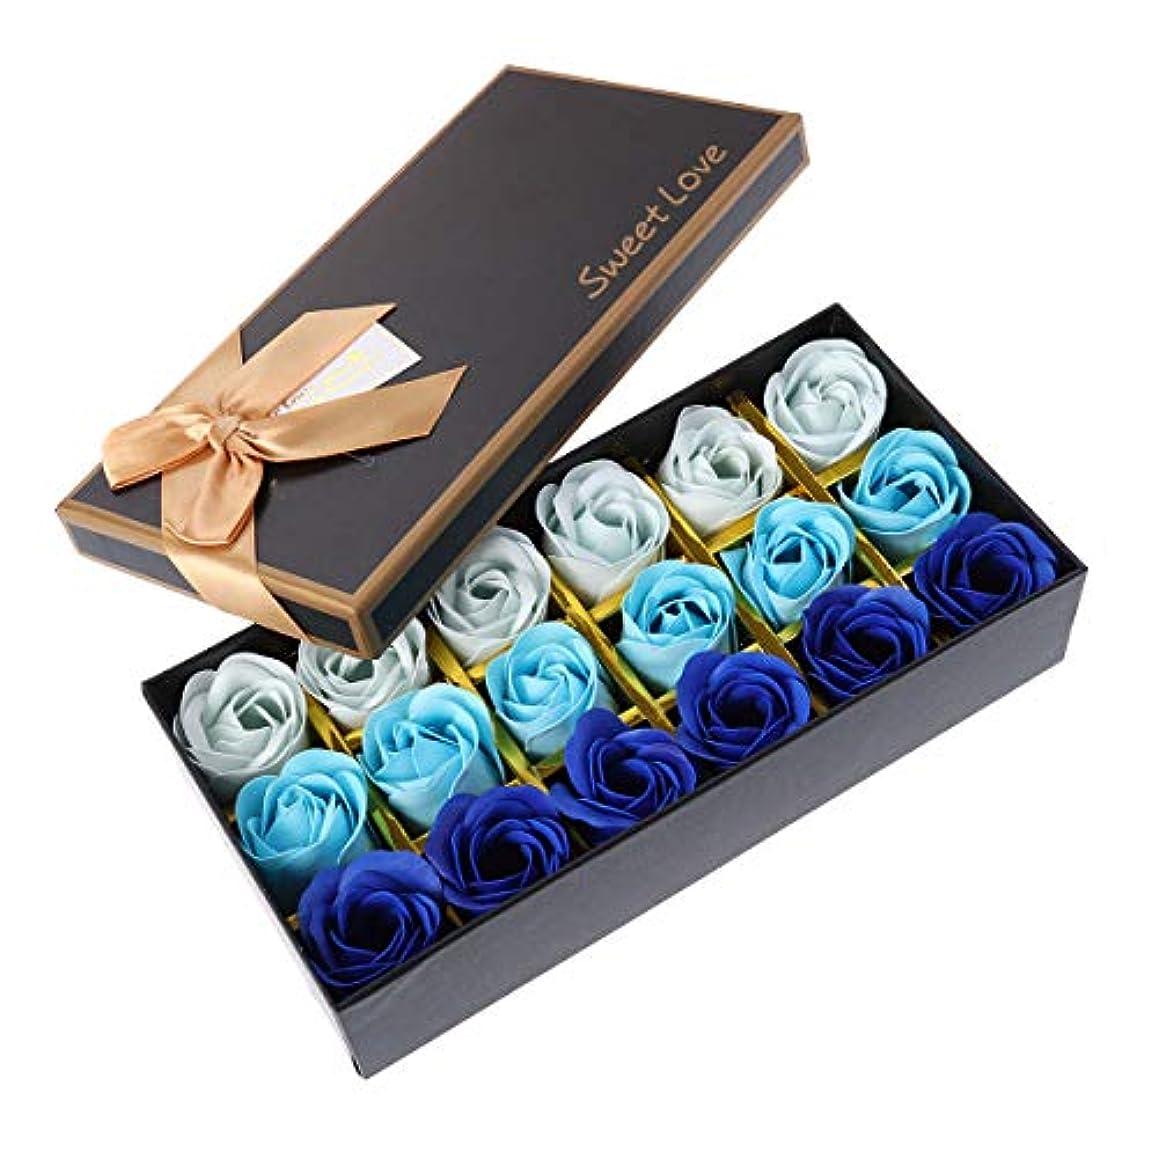 プレフィックス最も謝罪するBeaupretty バレンタインデーの結婚式の誕生日プレゼントのための小さなクマとバラの石鹸の花